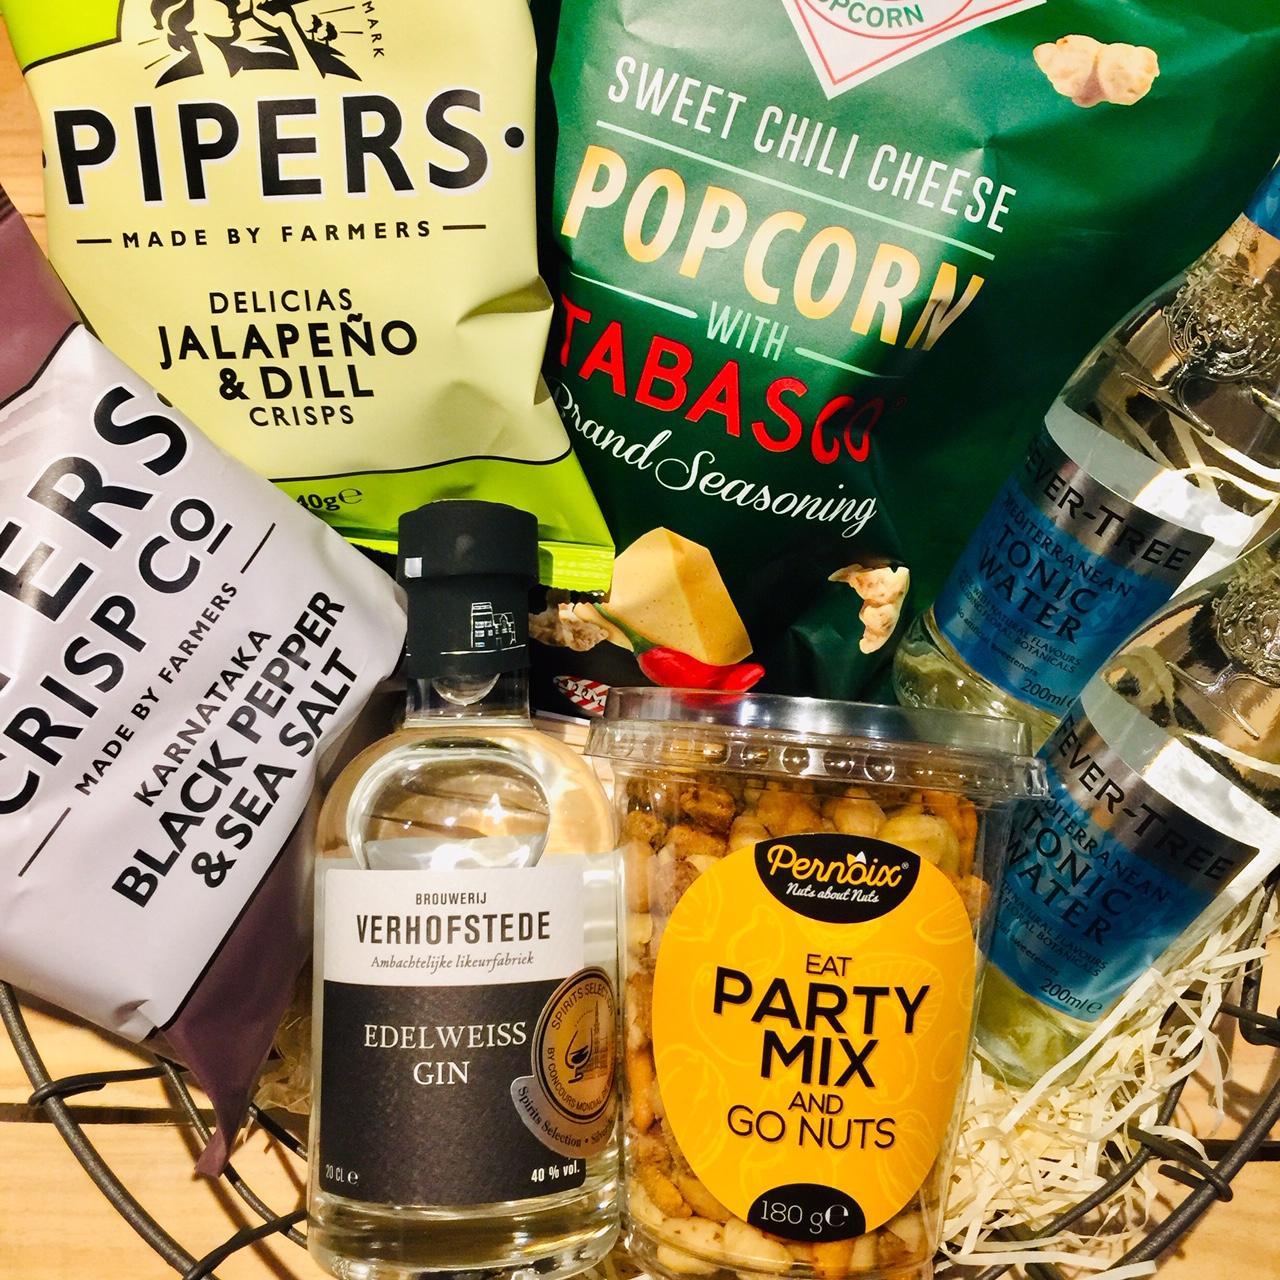 Aperopakket Edelweiss Gin & Pipers